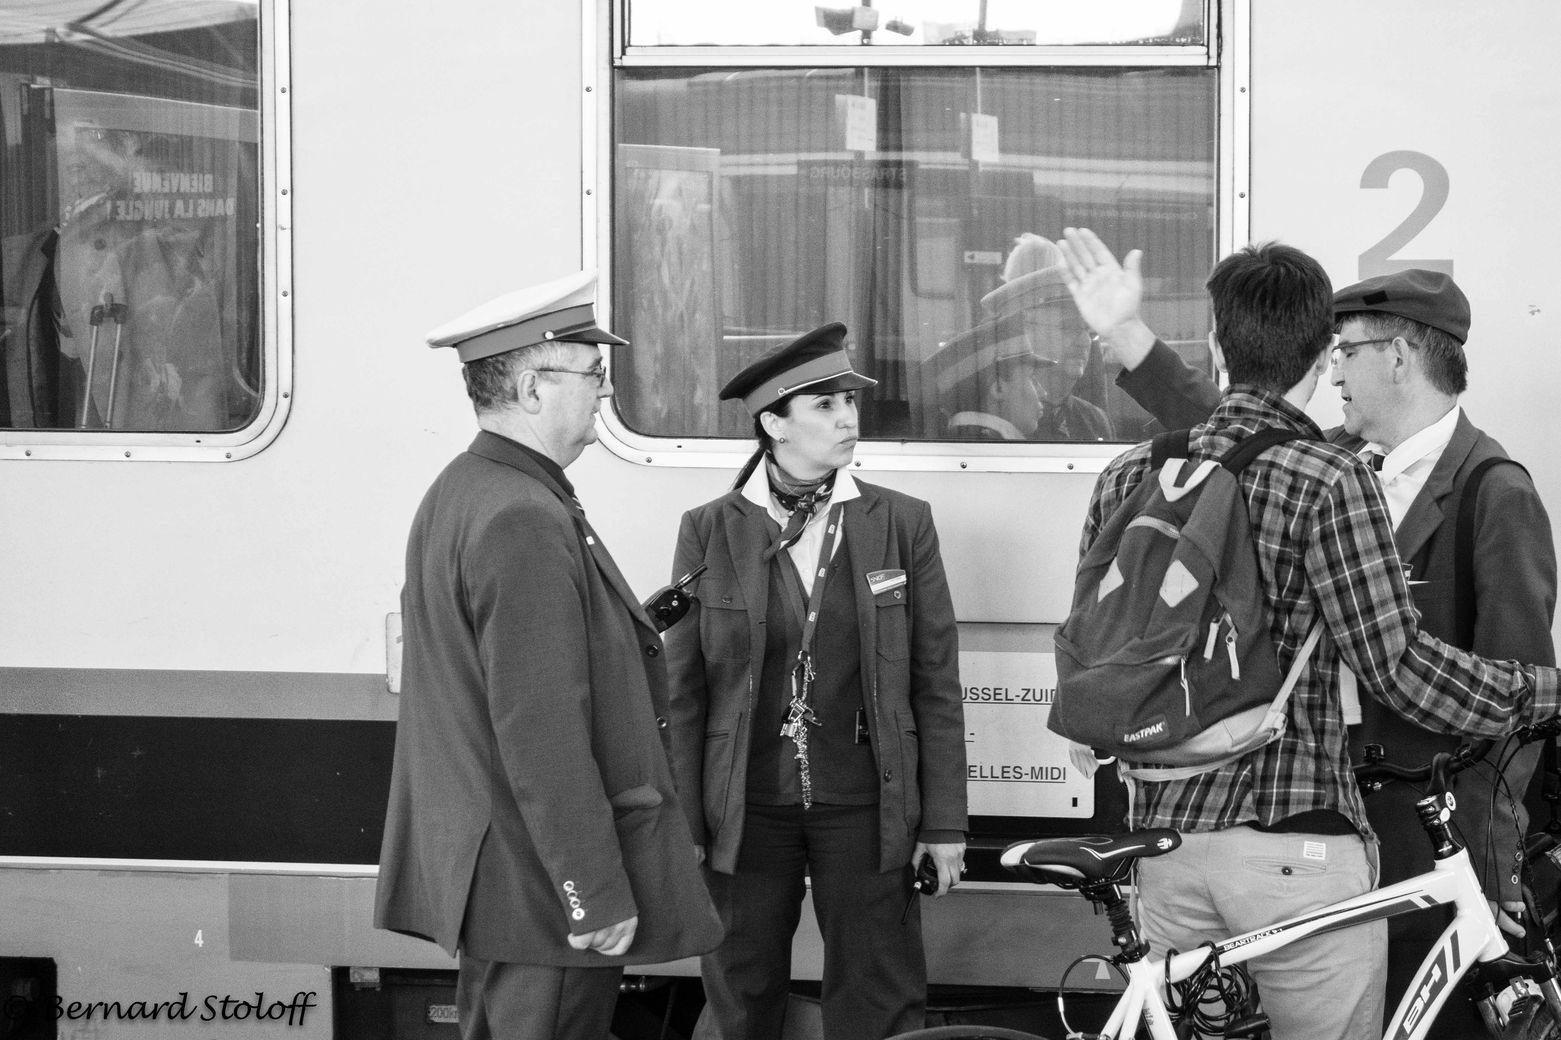 PHOTOGRAPHIER LE CYCLISTE ET SON TRAIN, GARE DE STRASBOURG, ALSACE